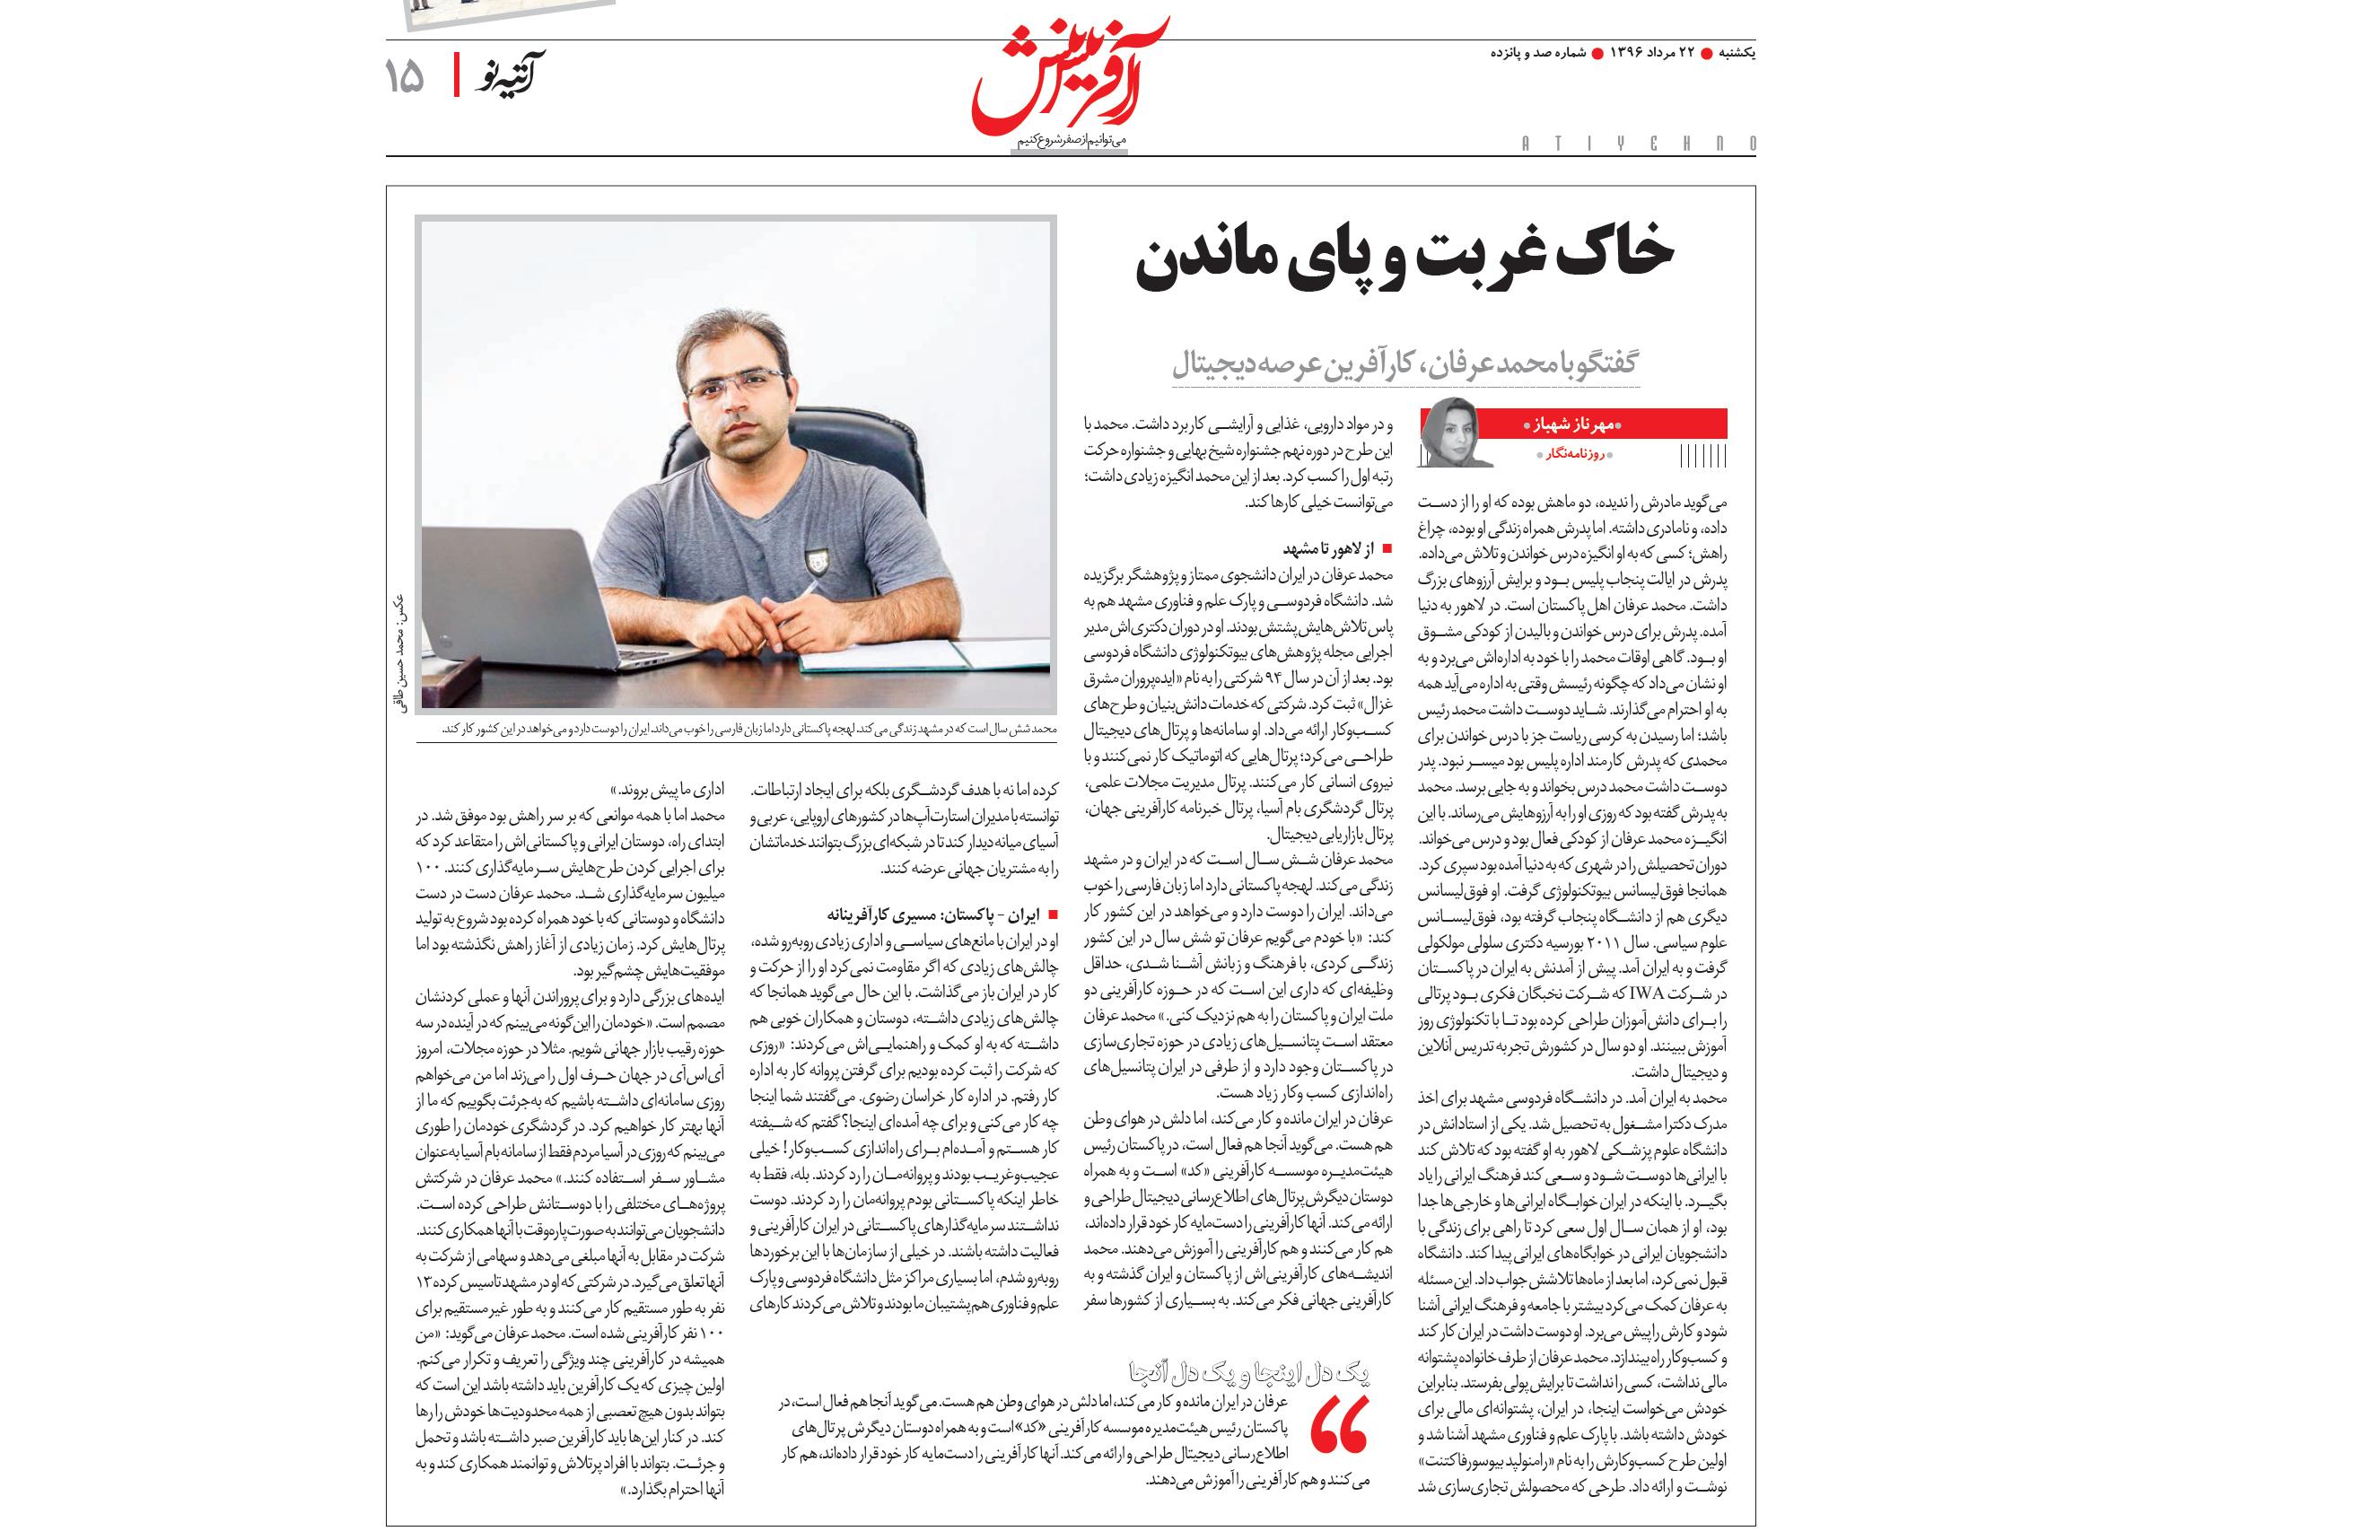 محمد عرفان مقصود